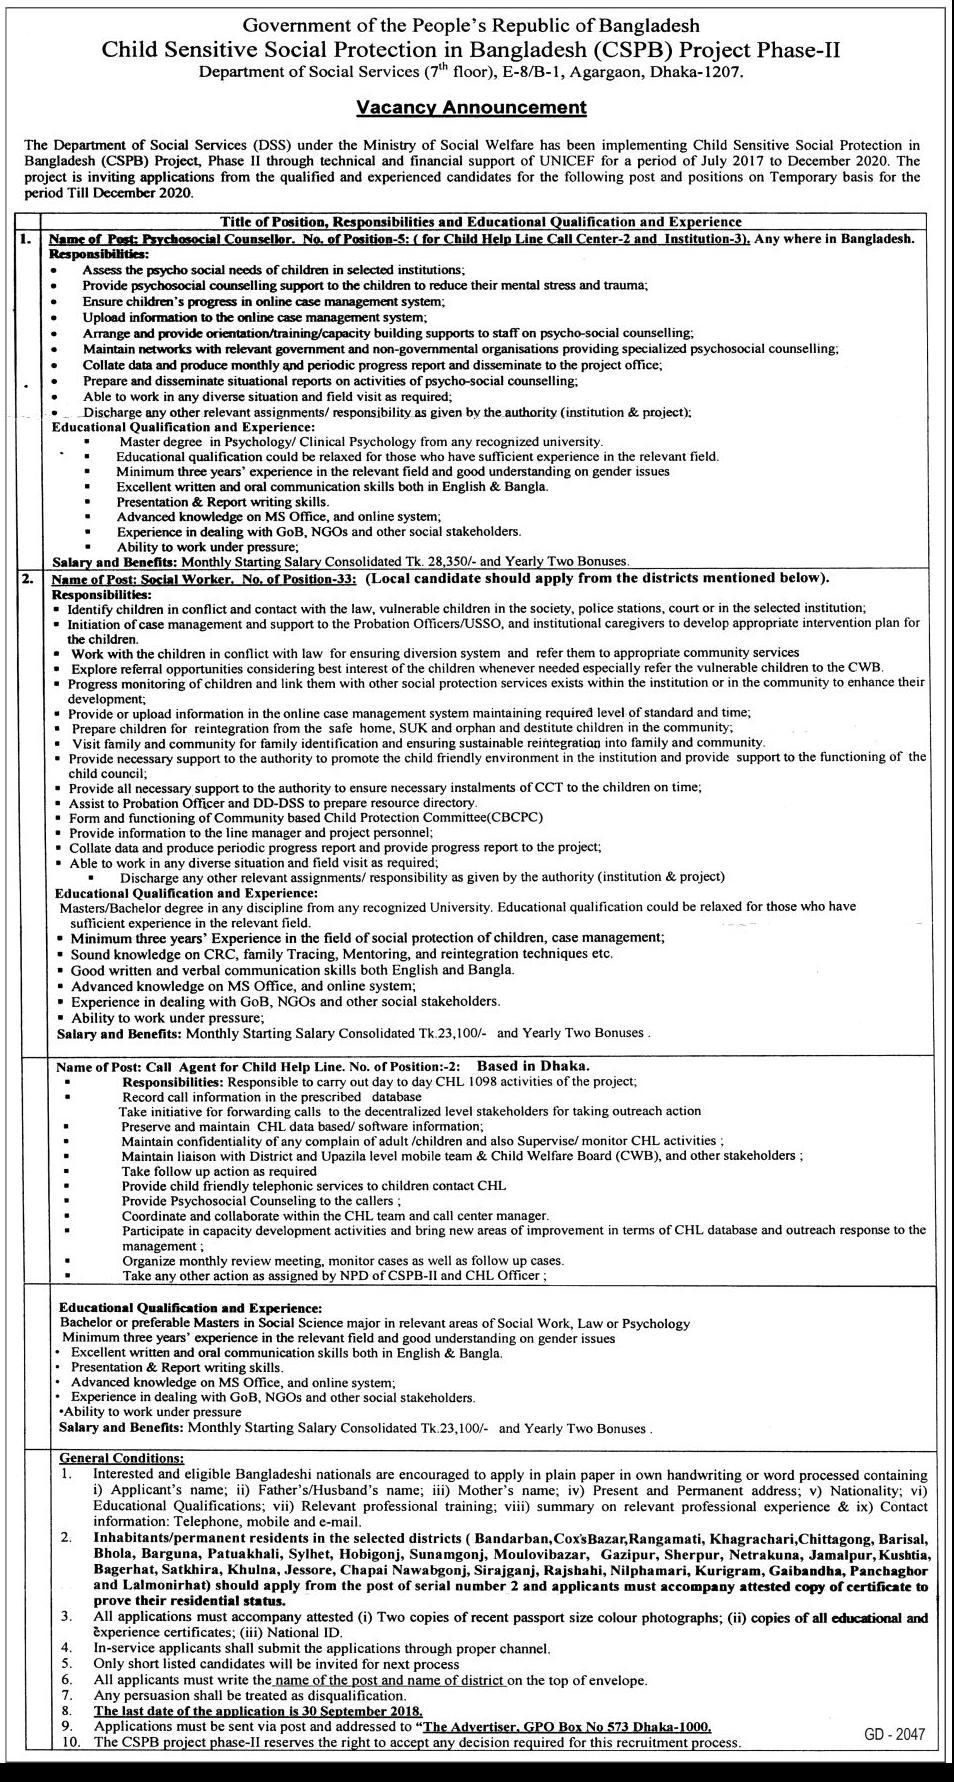 CSPB Job Circular Apply Process